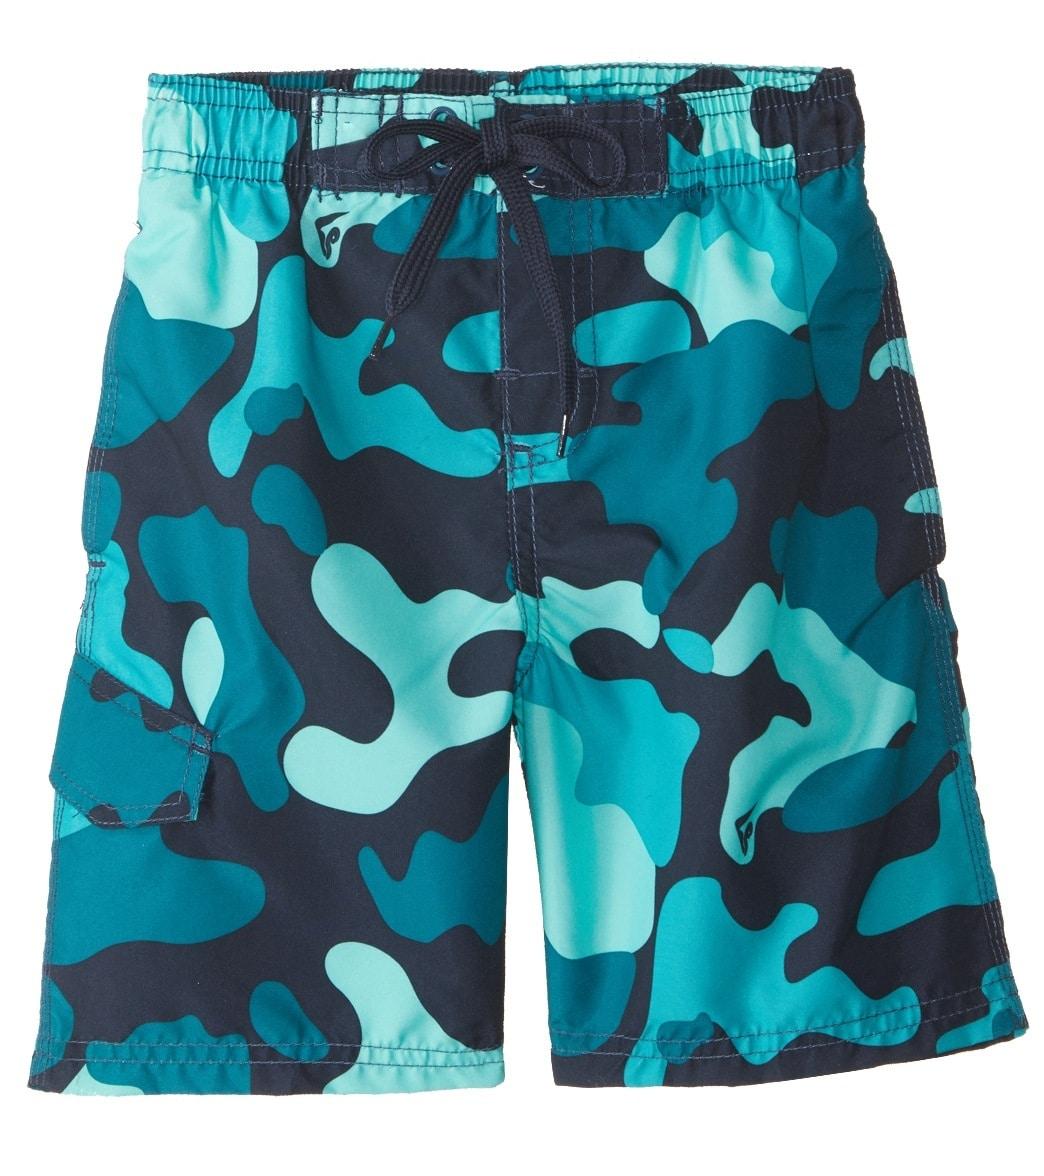 f5c2ad806c0a4 Kanu Surf Boys' Camo Swim Trunks (4-7) at SwimOutlet.com